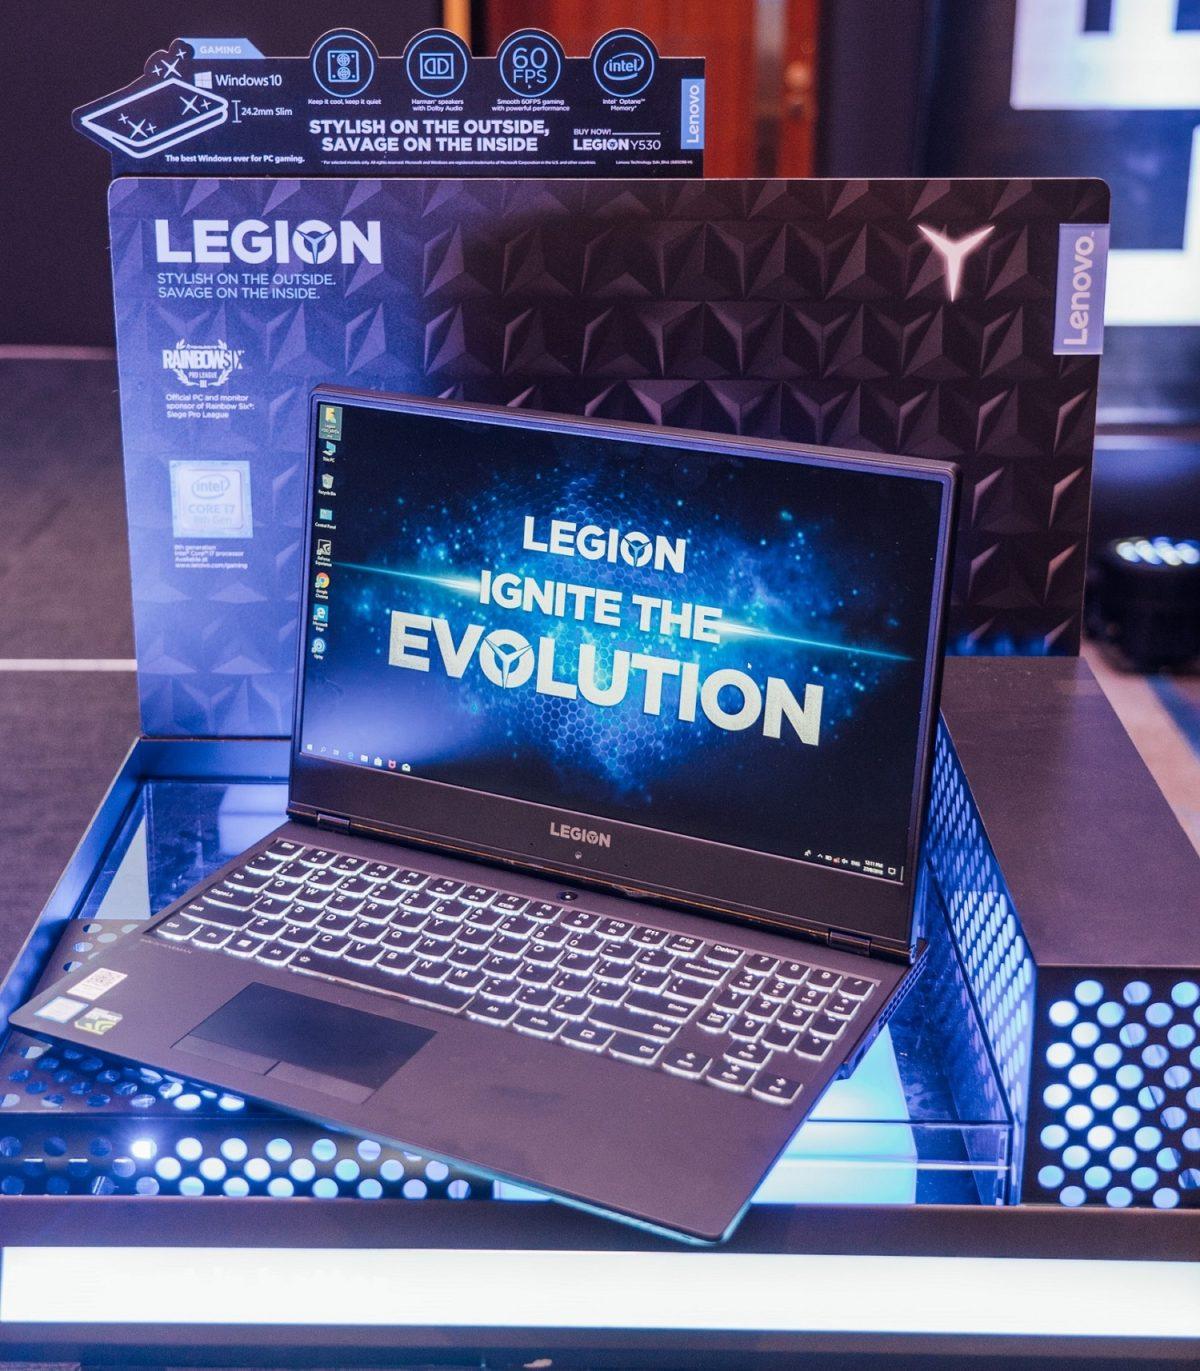 Lenovo Legion 02